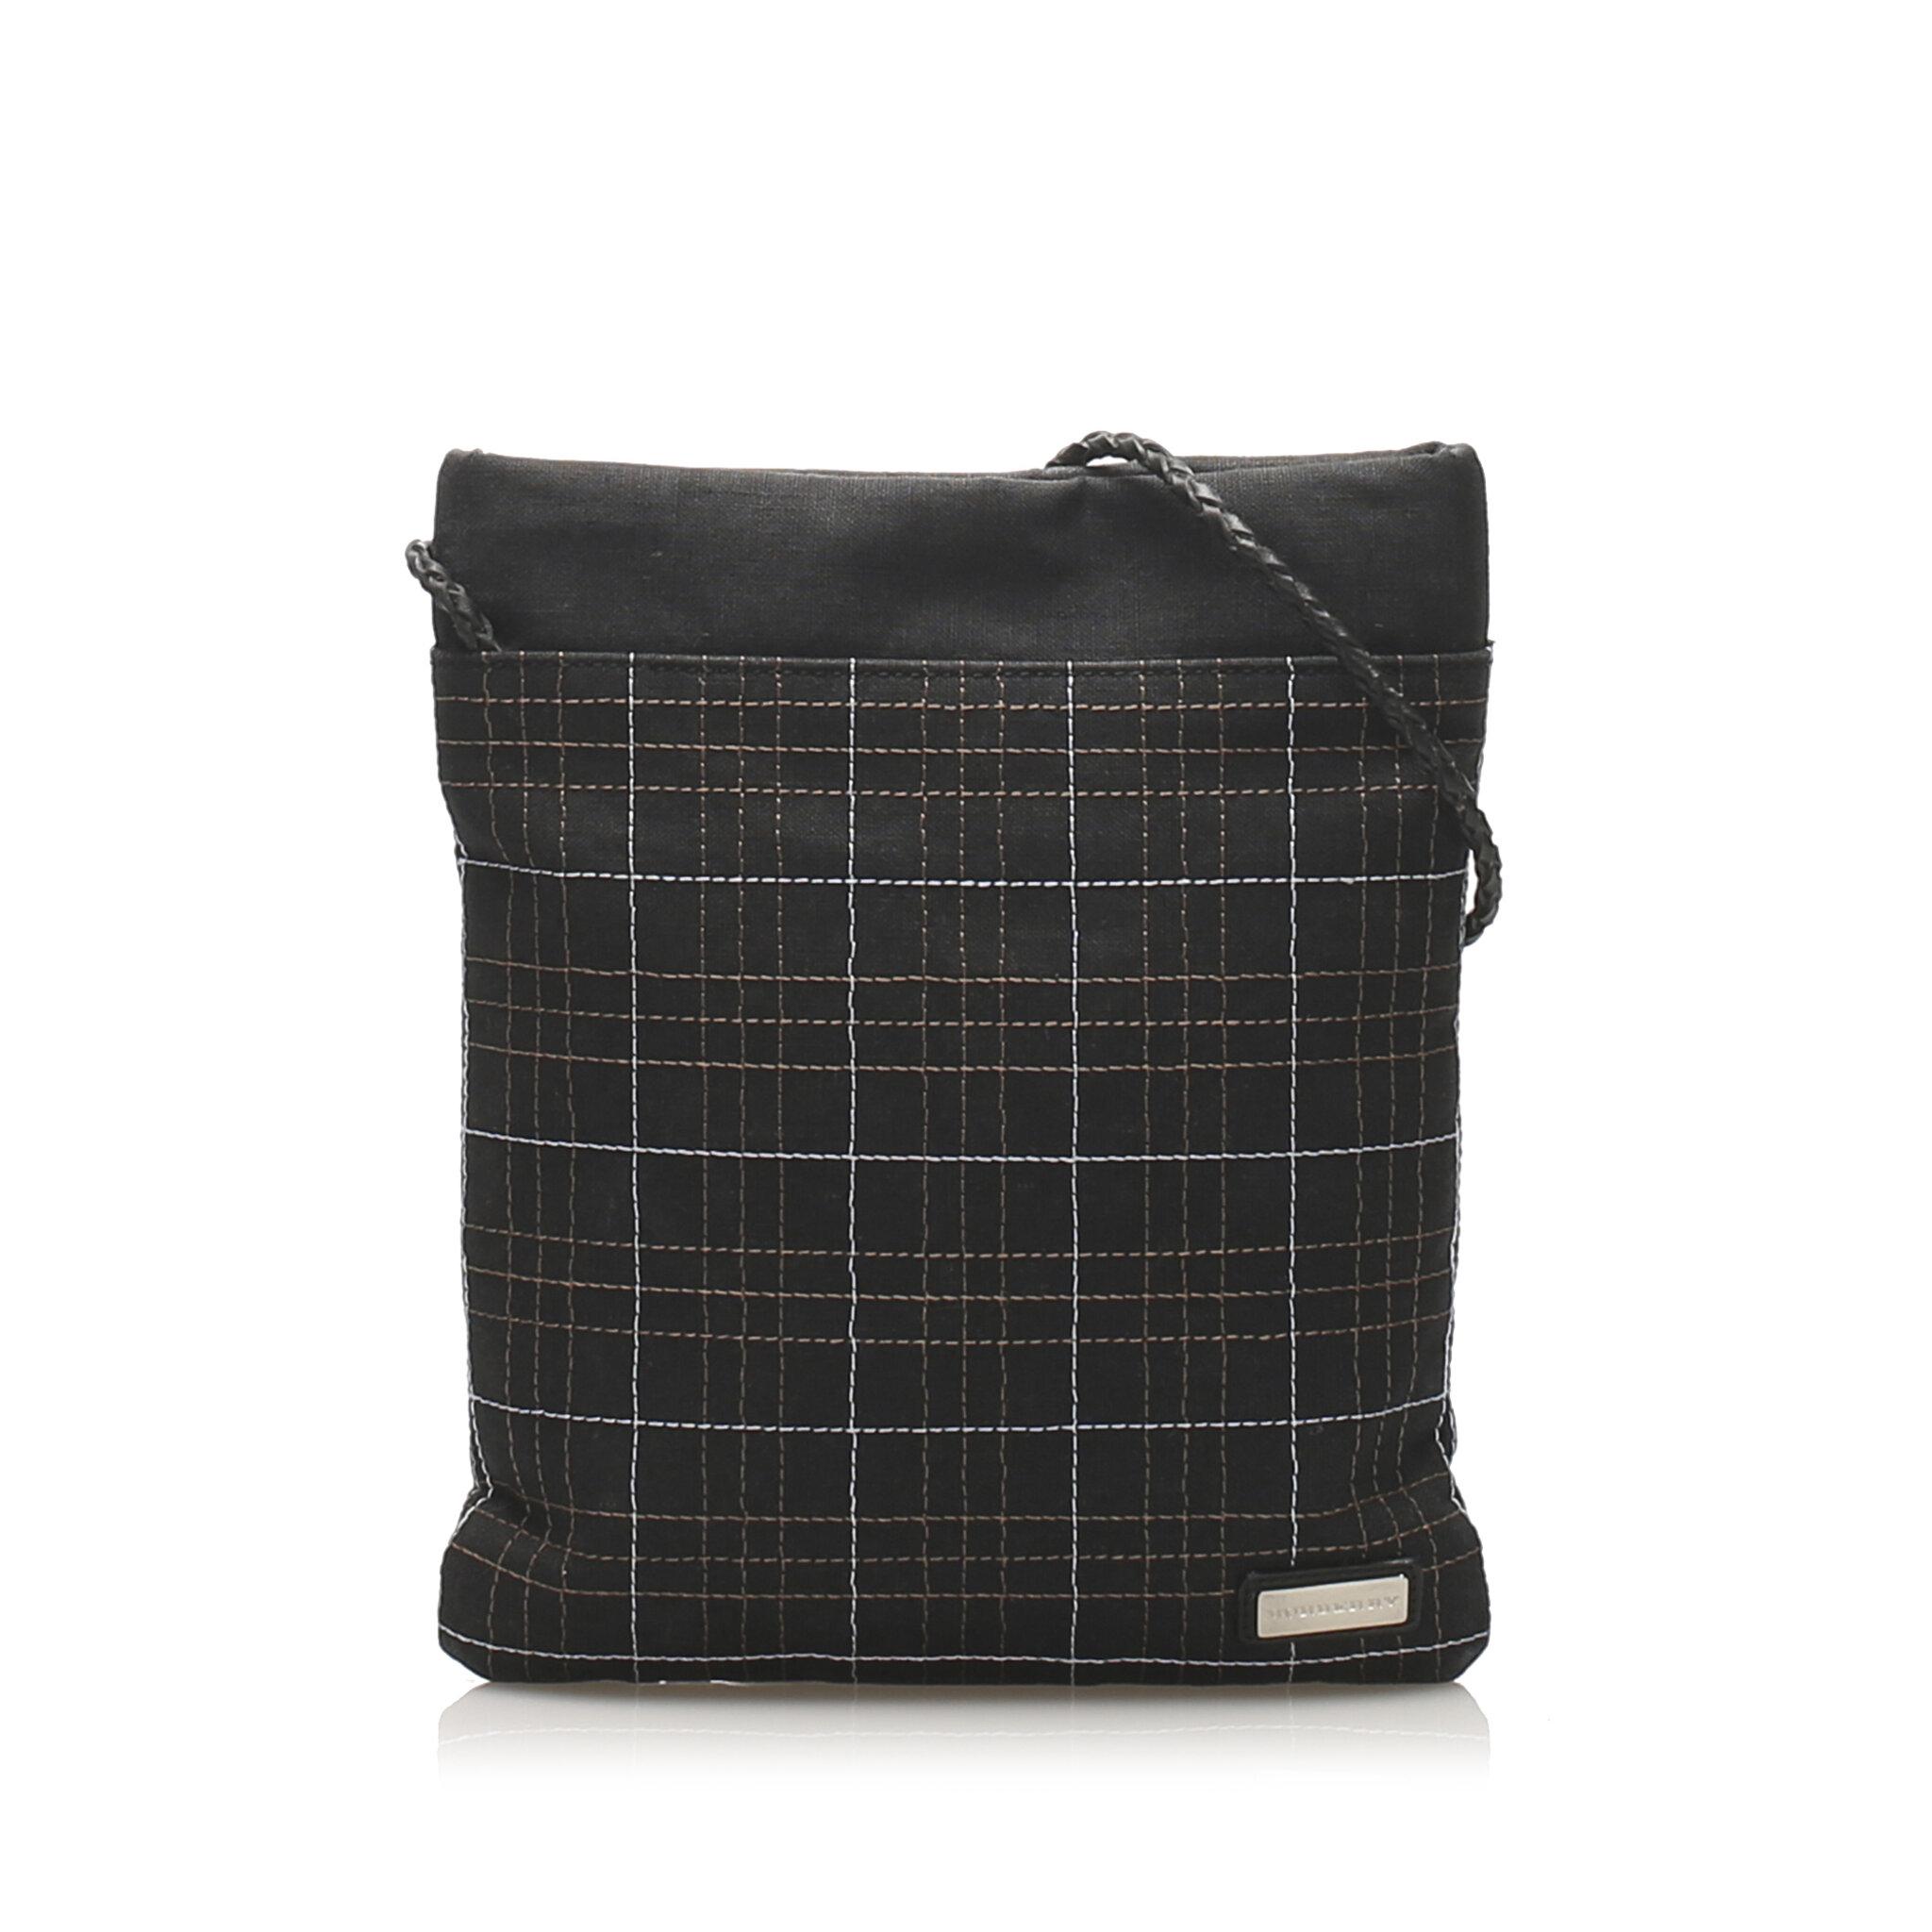 Burberry Vintage Check Canvas Shoulder Bag